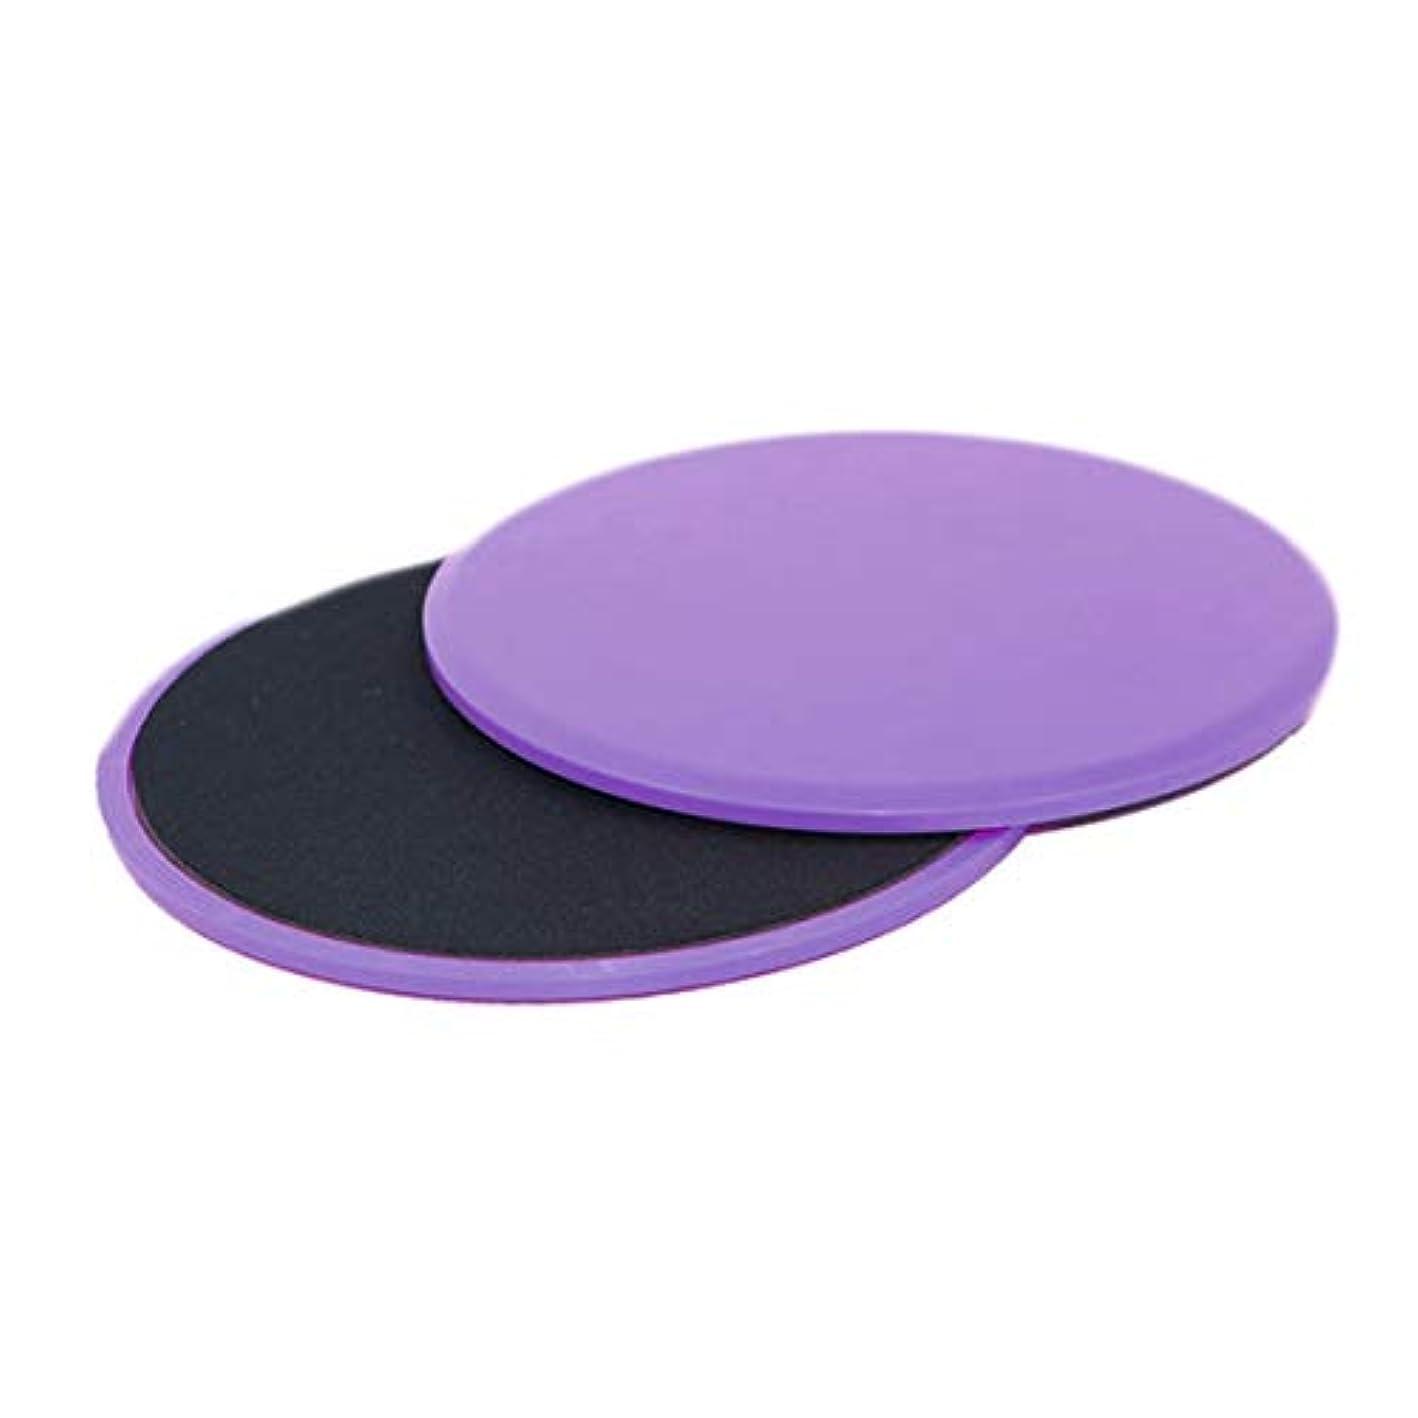 より良い偽造パテフィットネススライドグライディングディスク調整能力フィットネスエクササイズスライダーコアトレーニング腹部と全身トレーニング - パープル